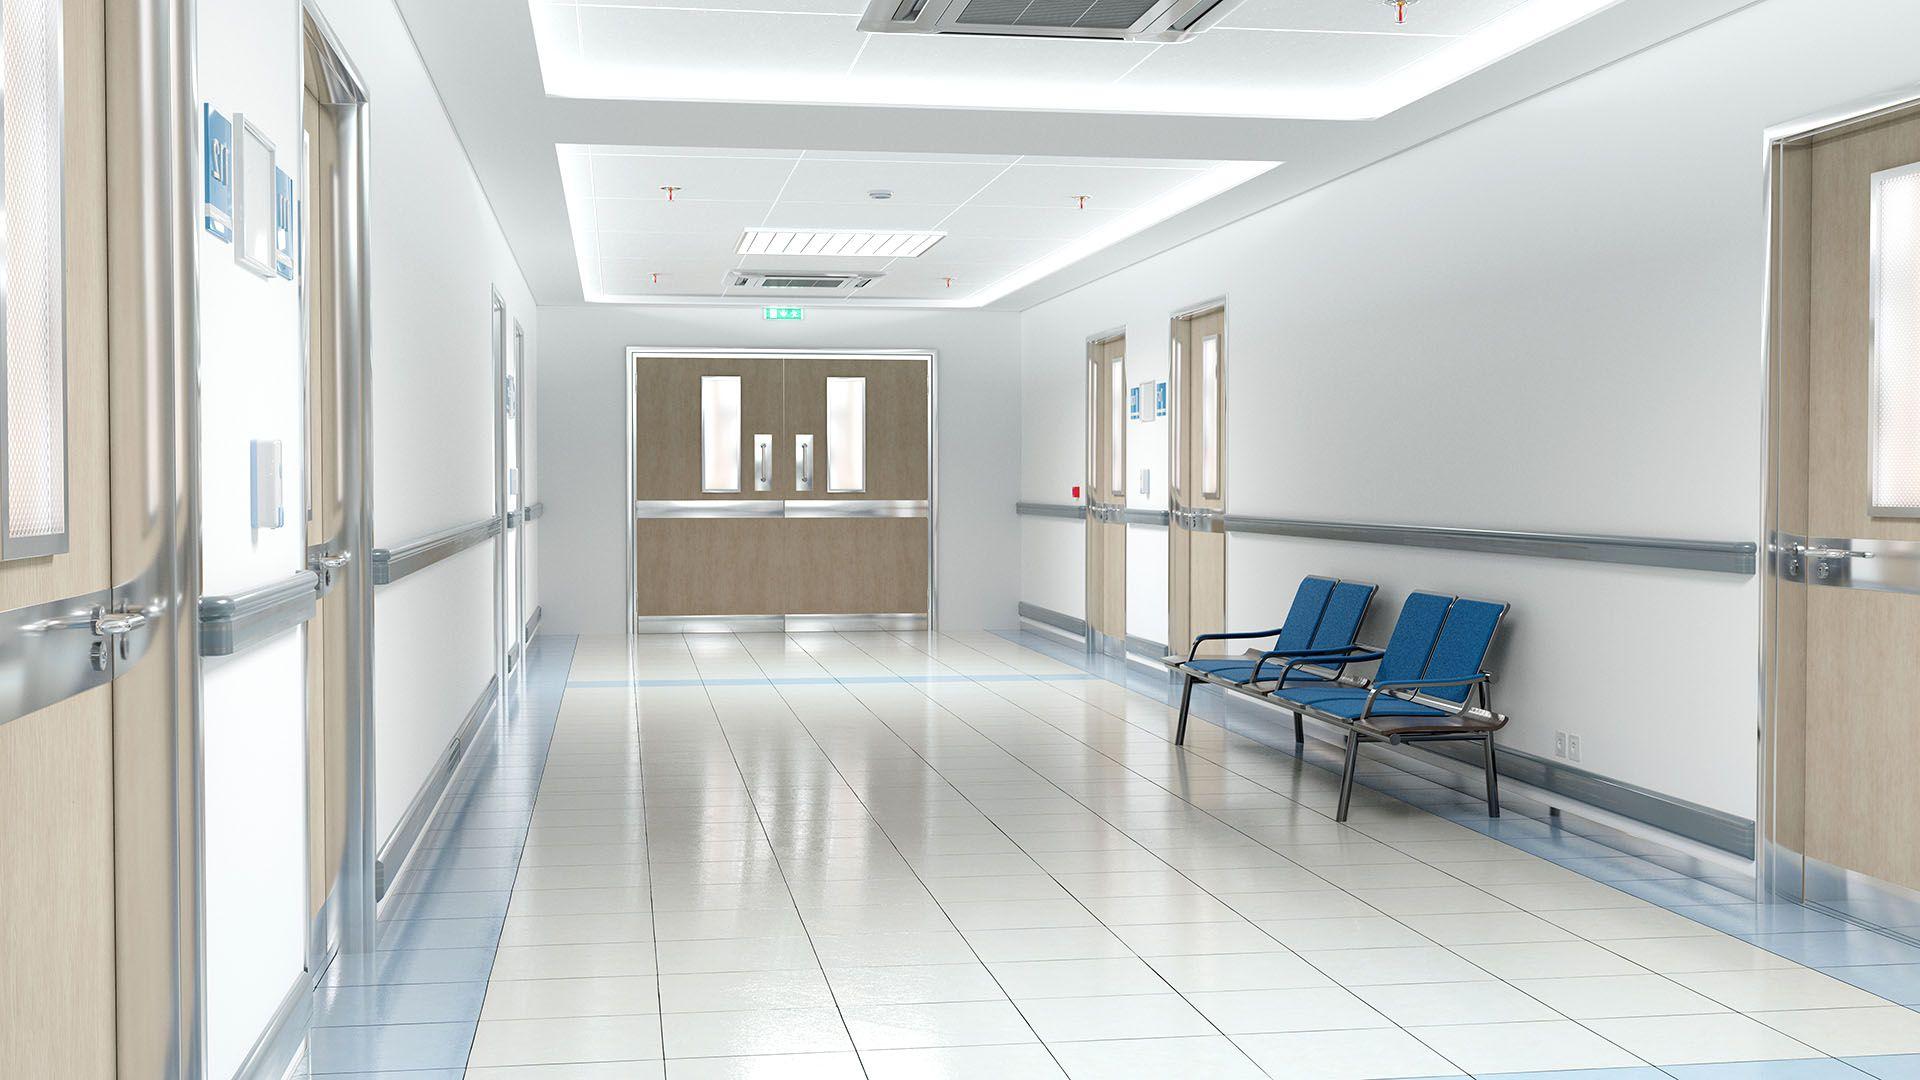 El miedo de los pacientes a consultar sería el mayor causante de la disminución de consultas (Shutterstock)